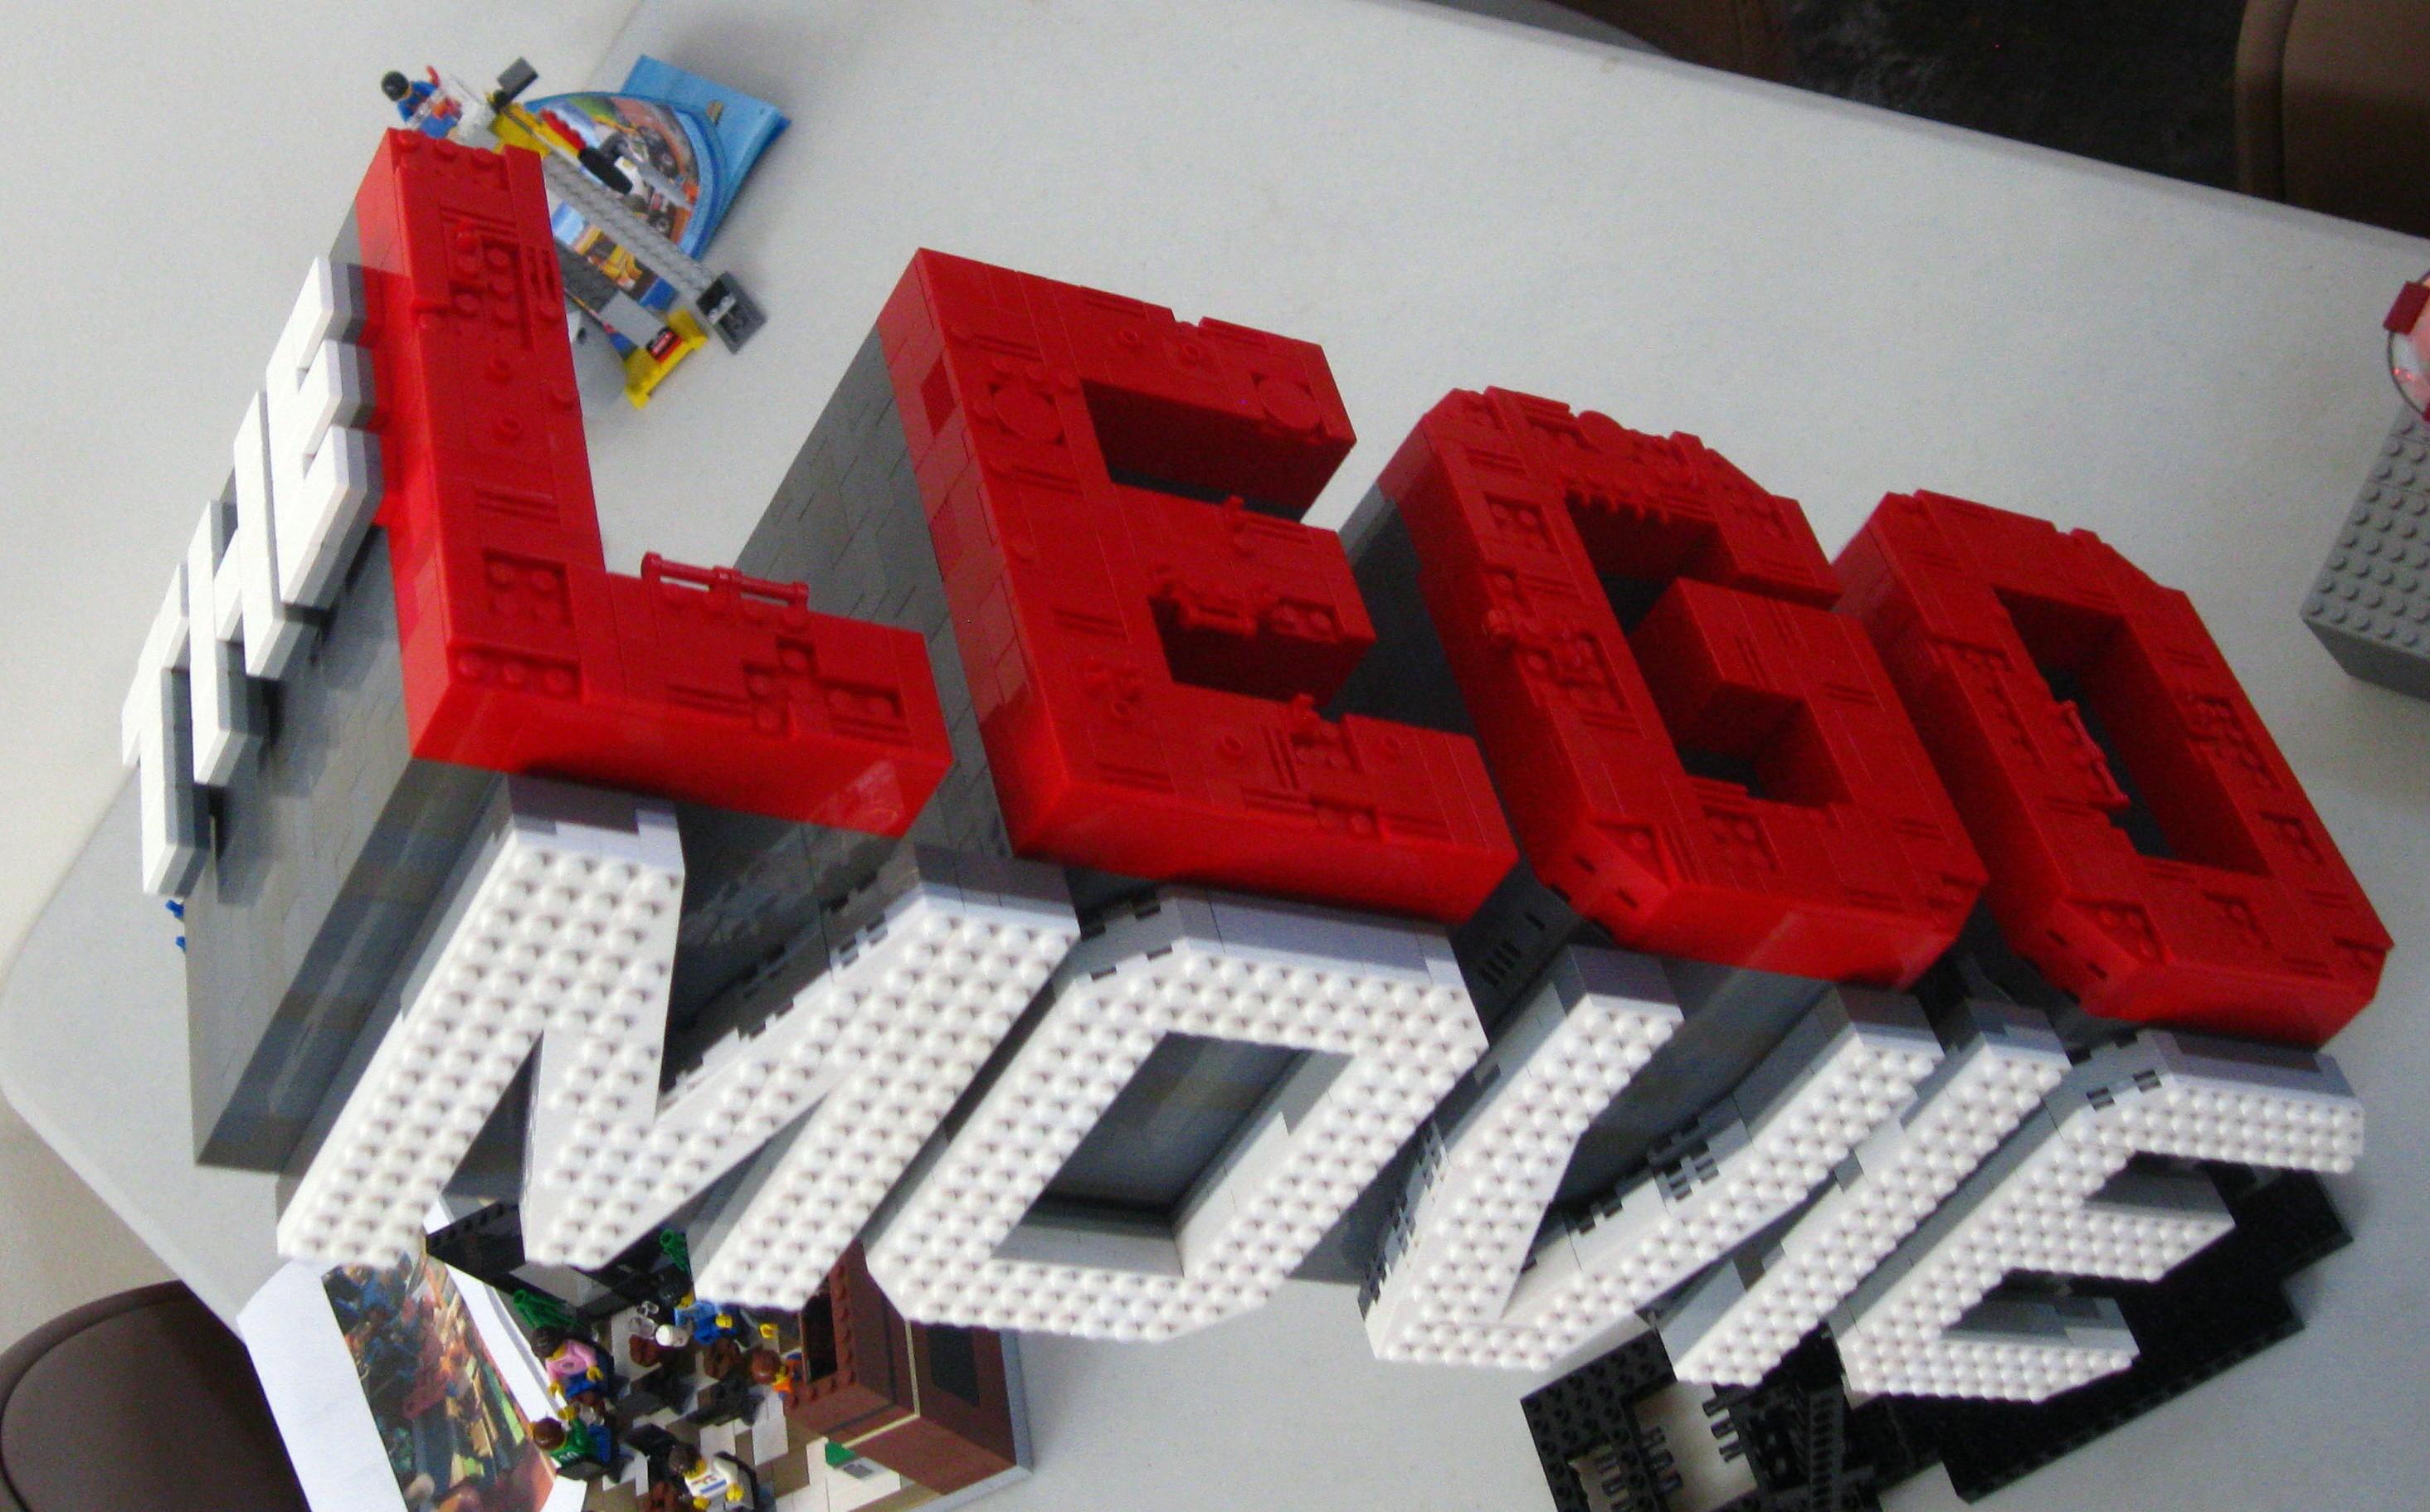 Lego Fever at MAKE